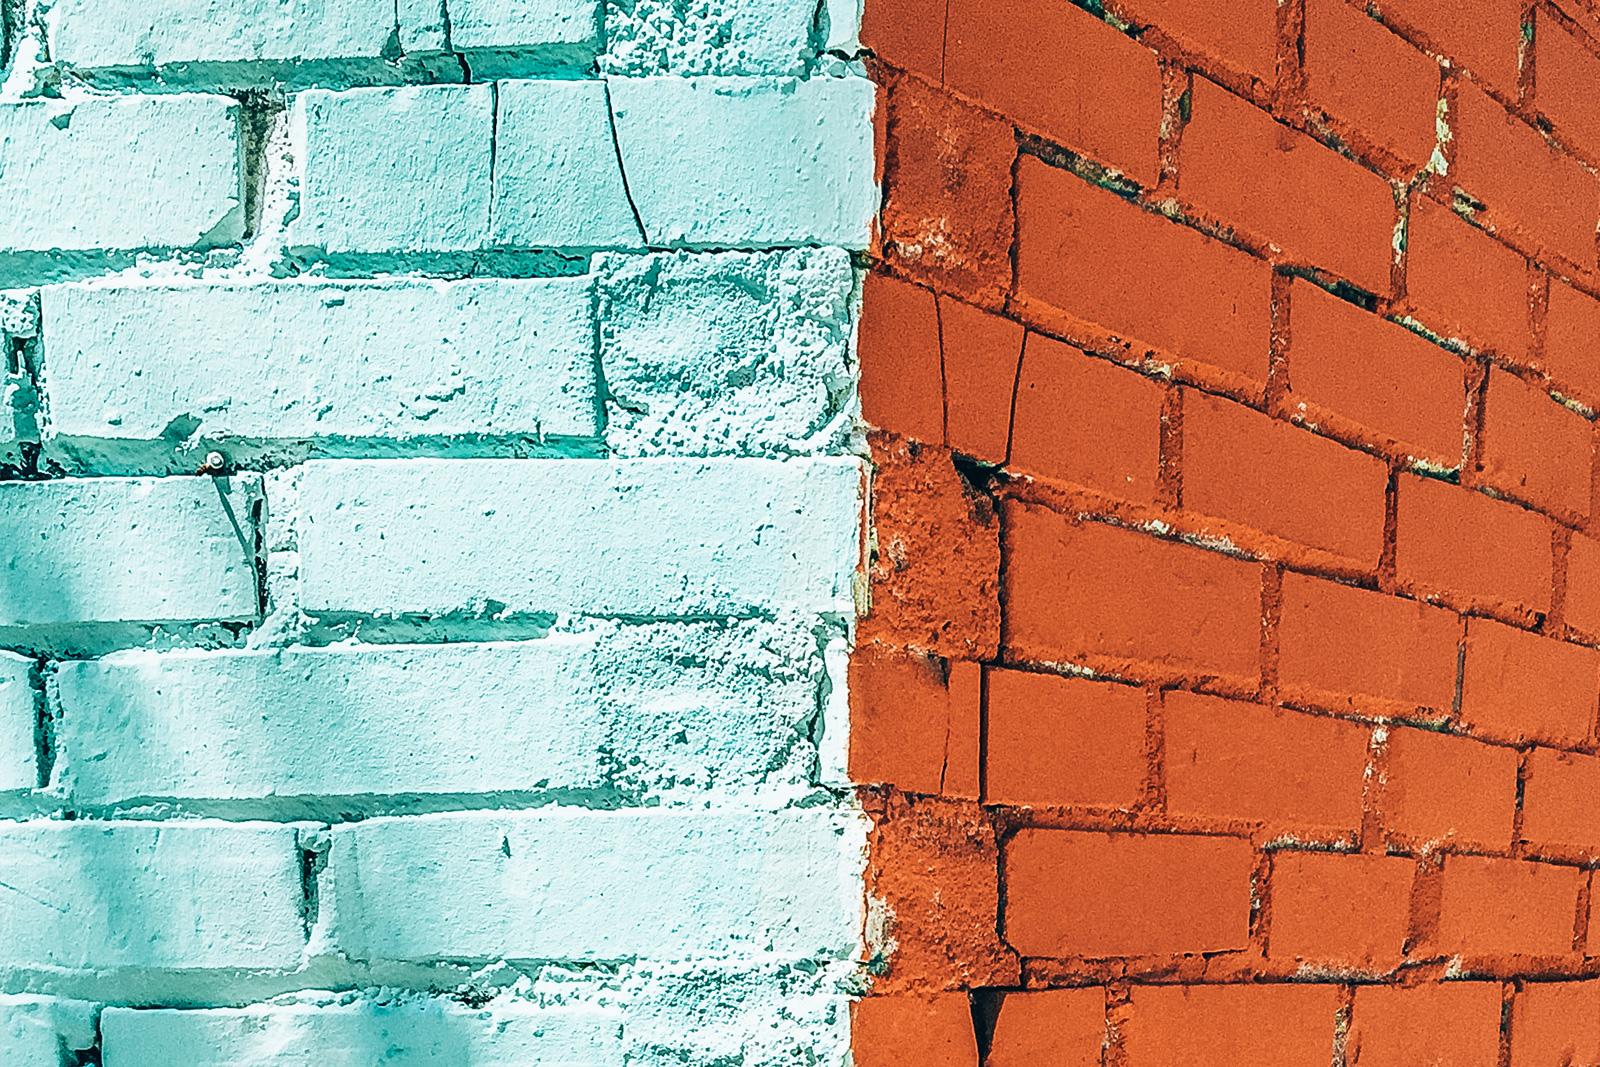 Coated brick walls